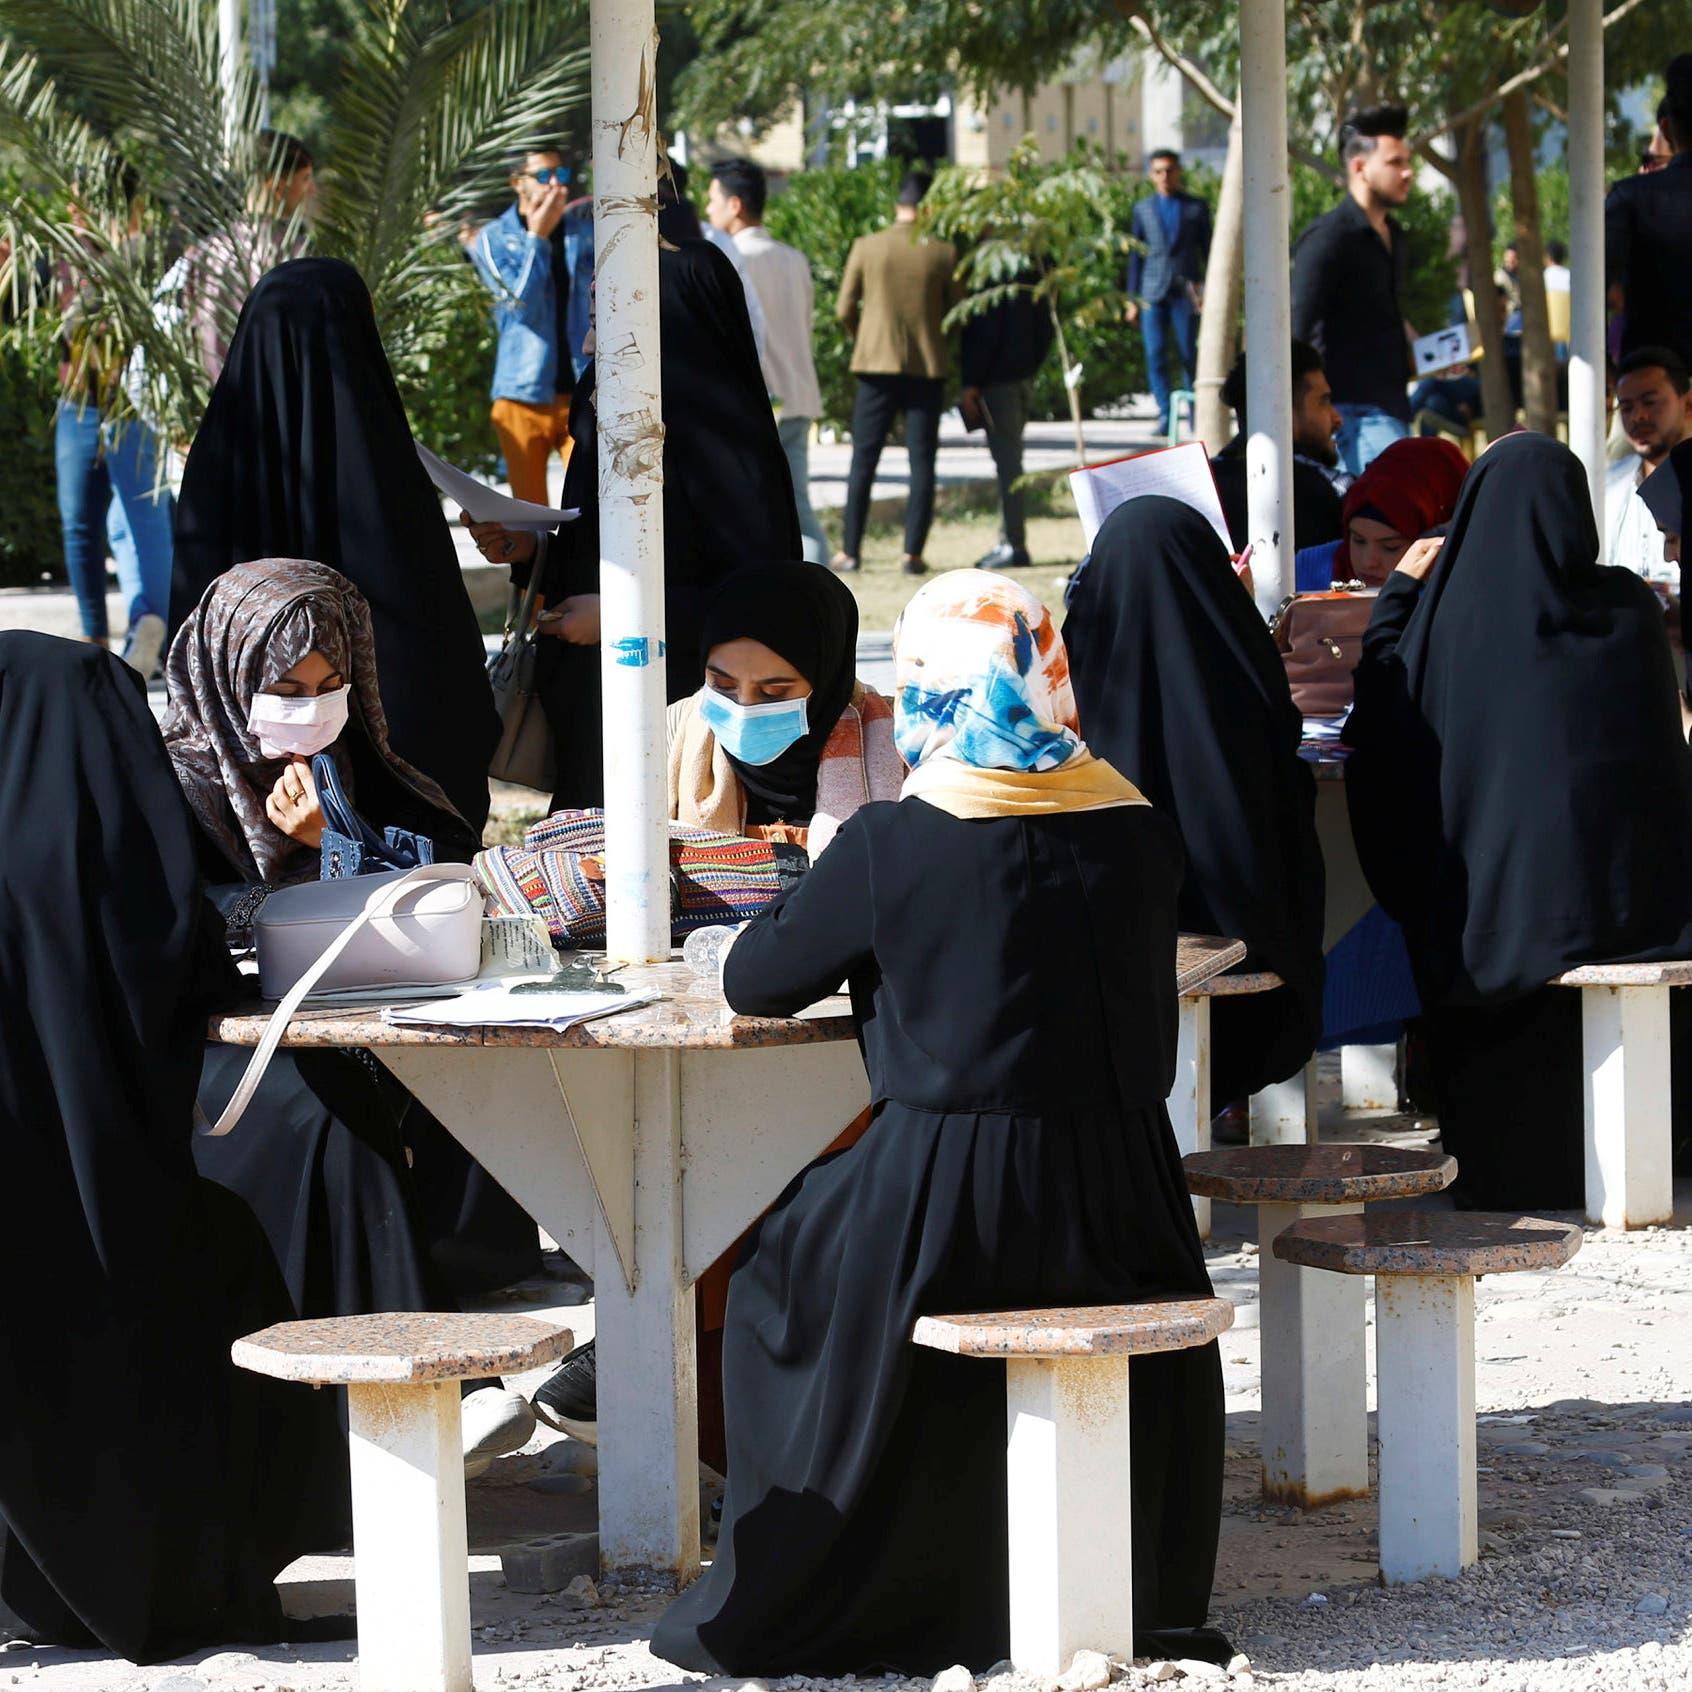 العراق: تعطيل المدارس في محافظة النجف بسبب كورونا